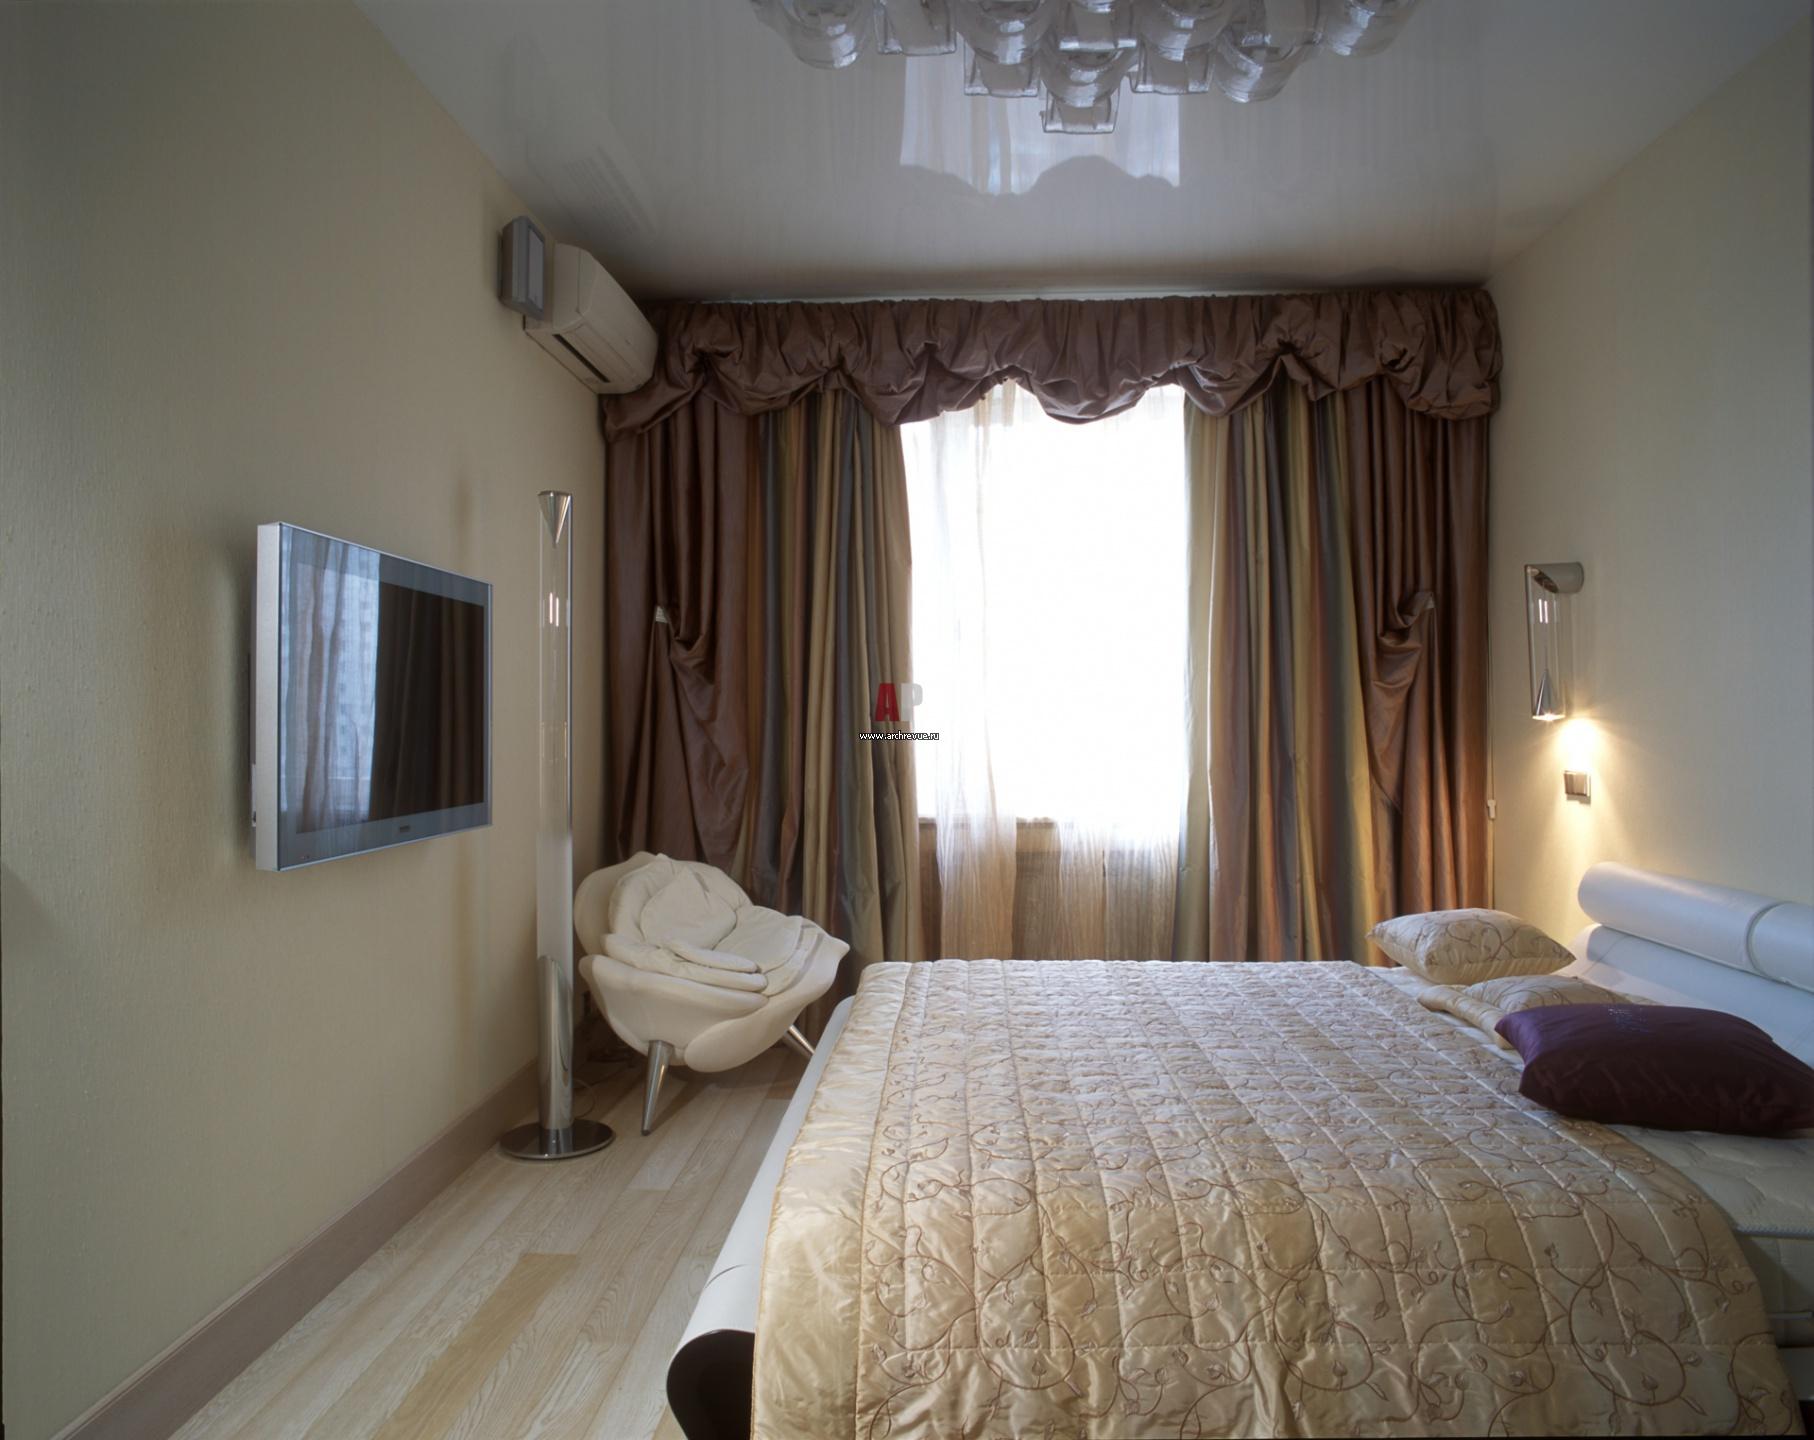 Экономный ремонт спальни своими руками фото